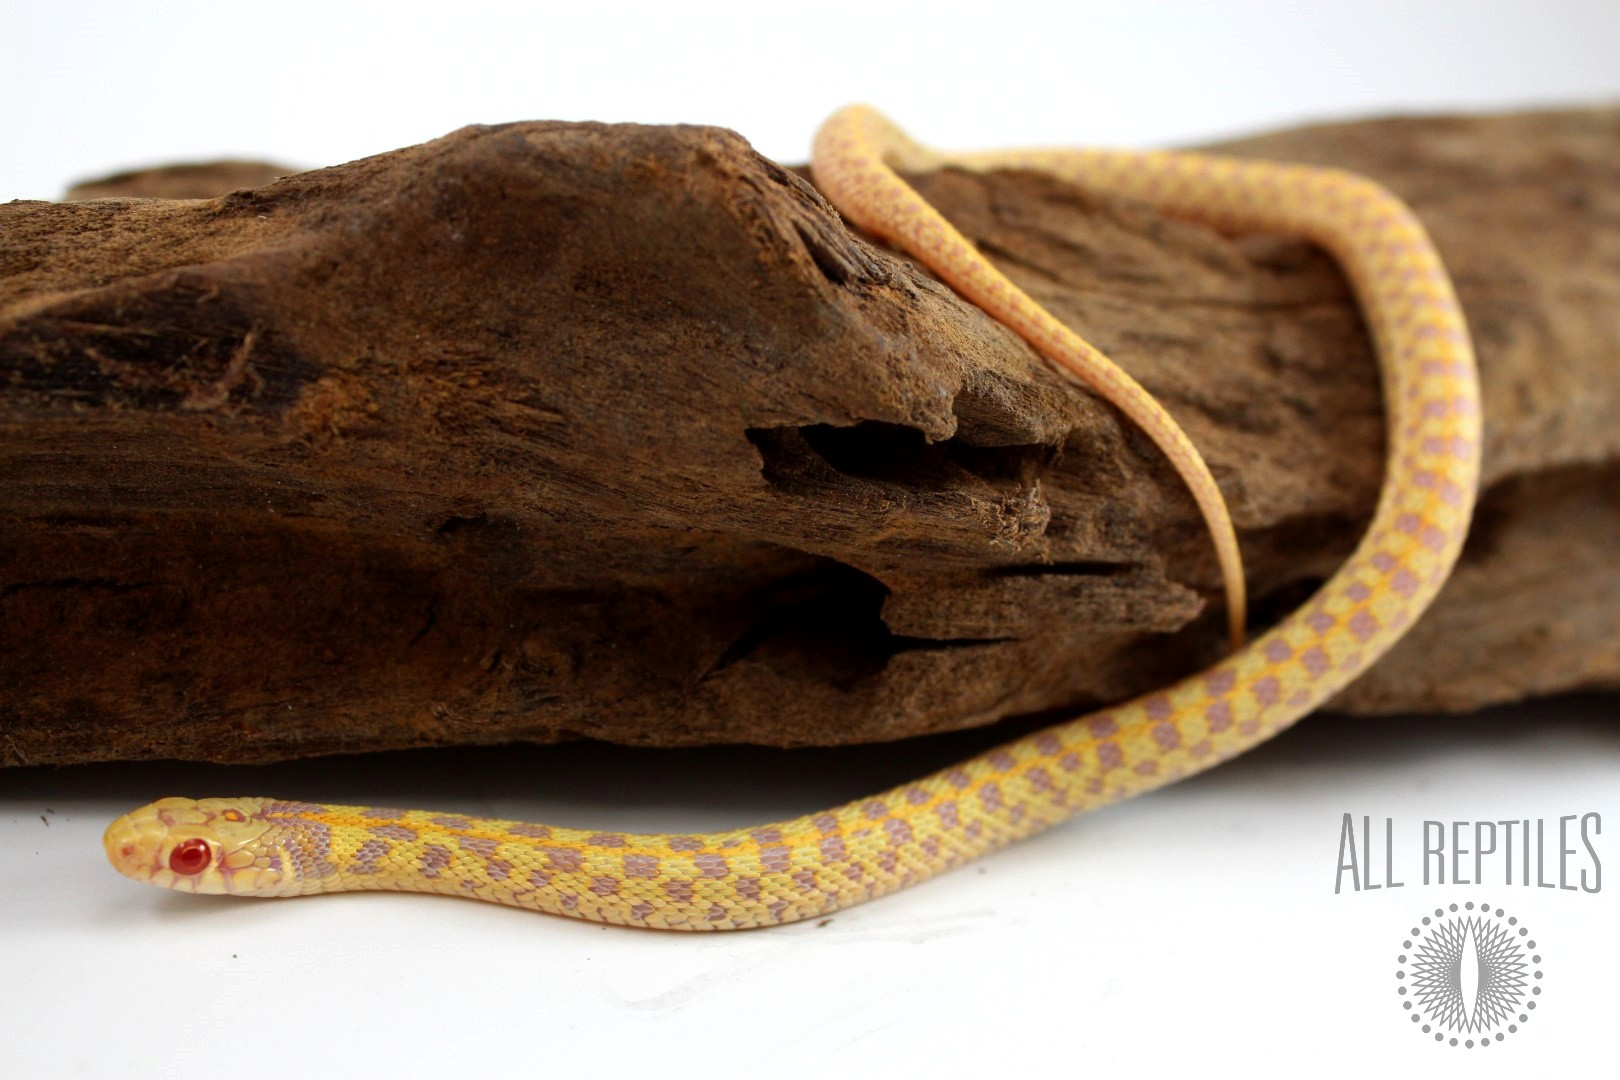 Albino Texas Checkered Garter Snake